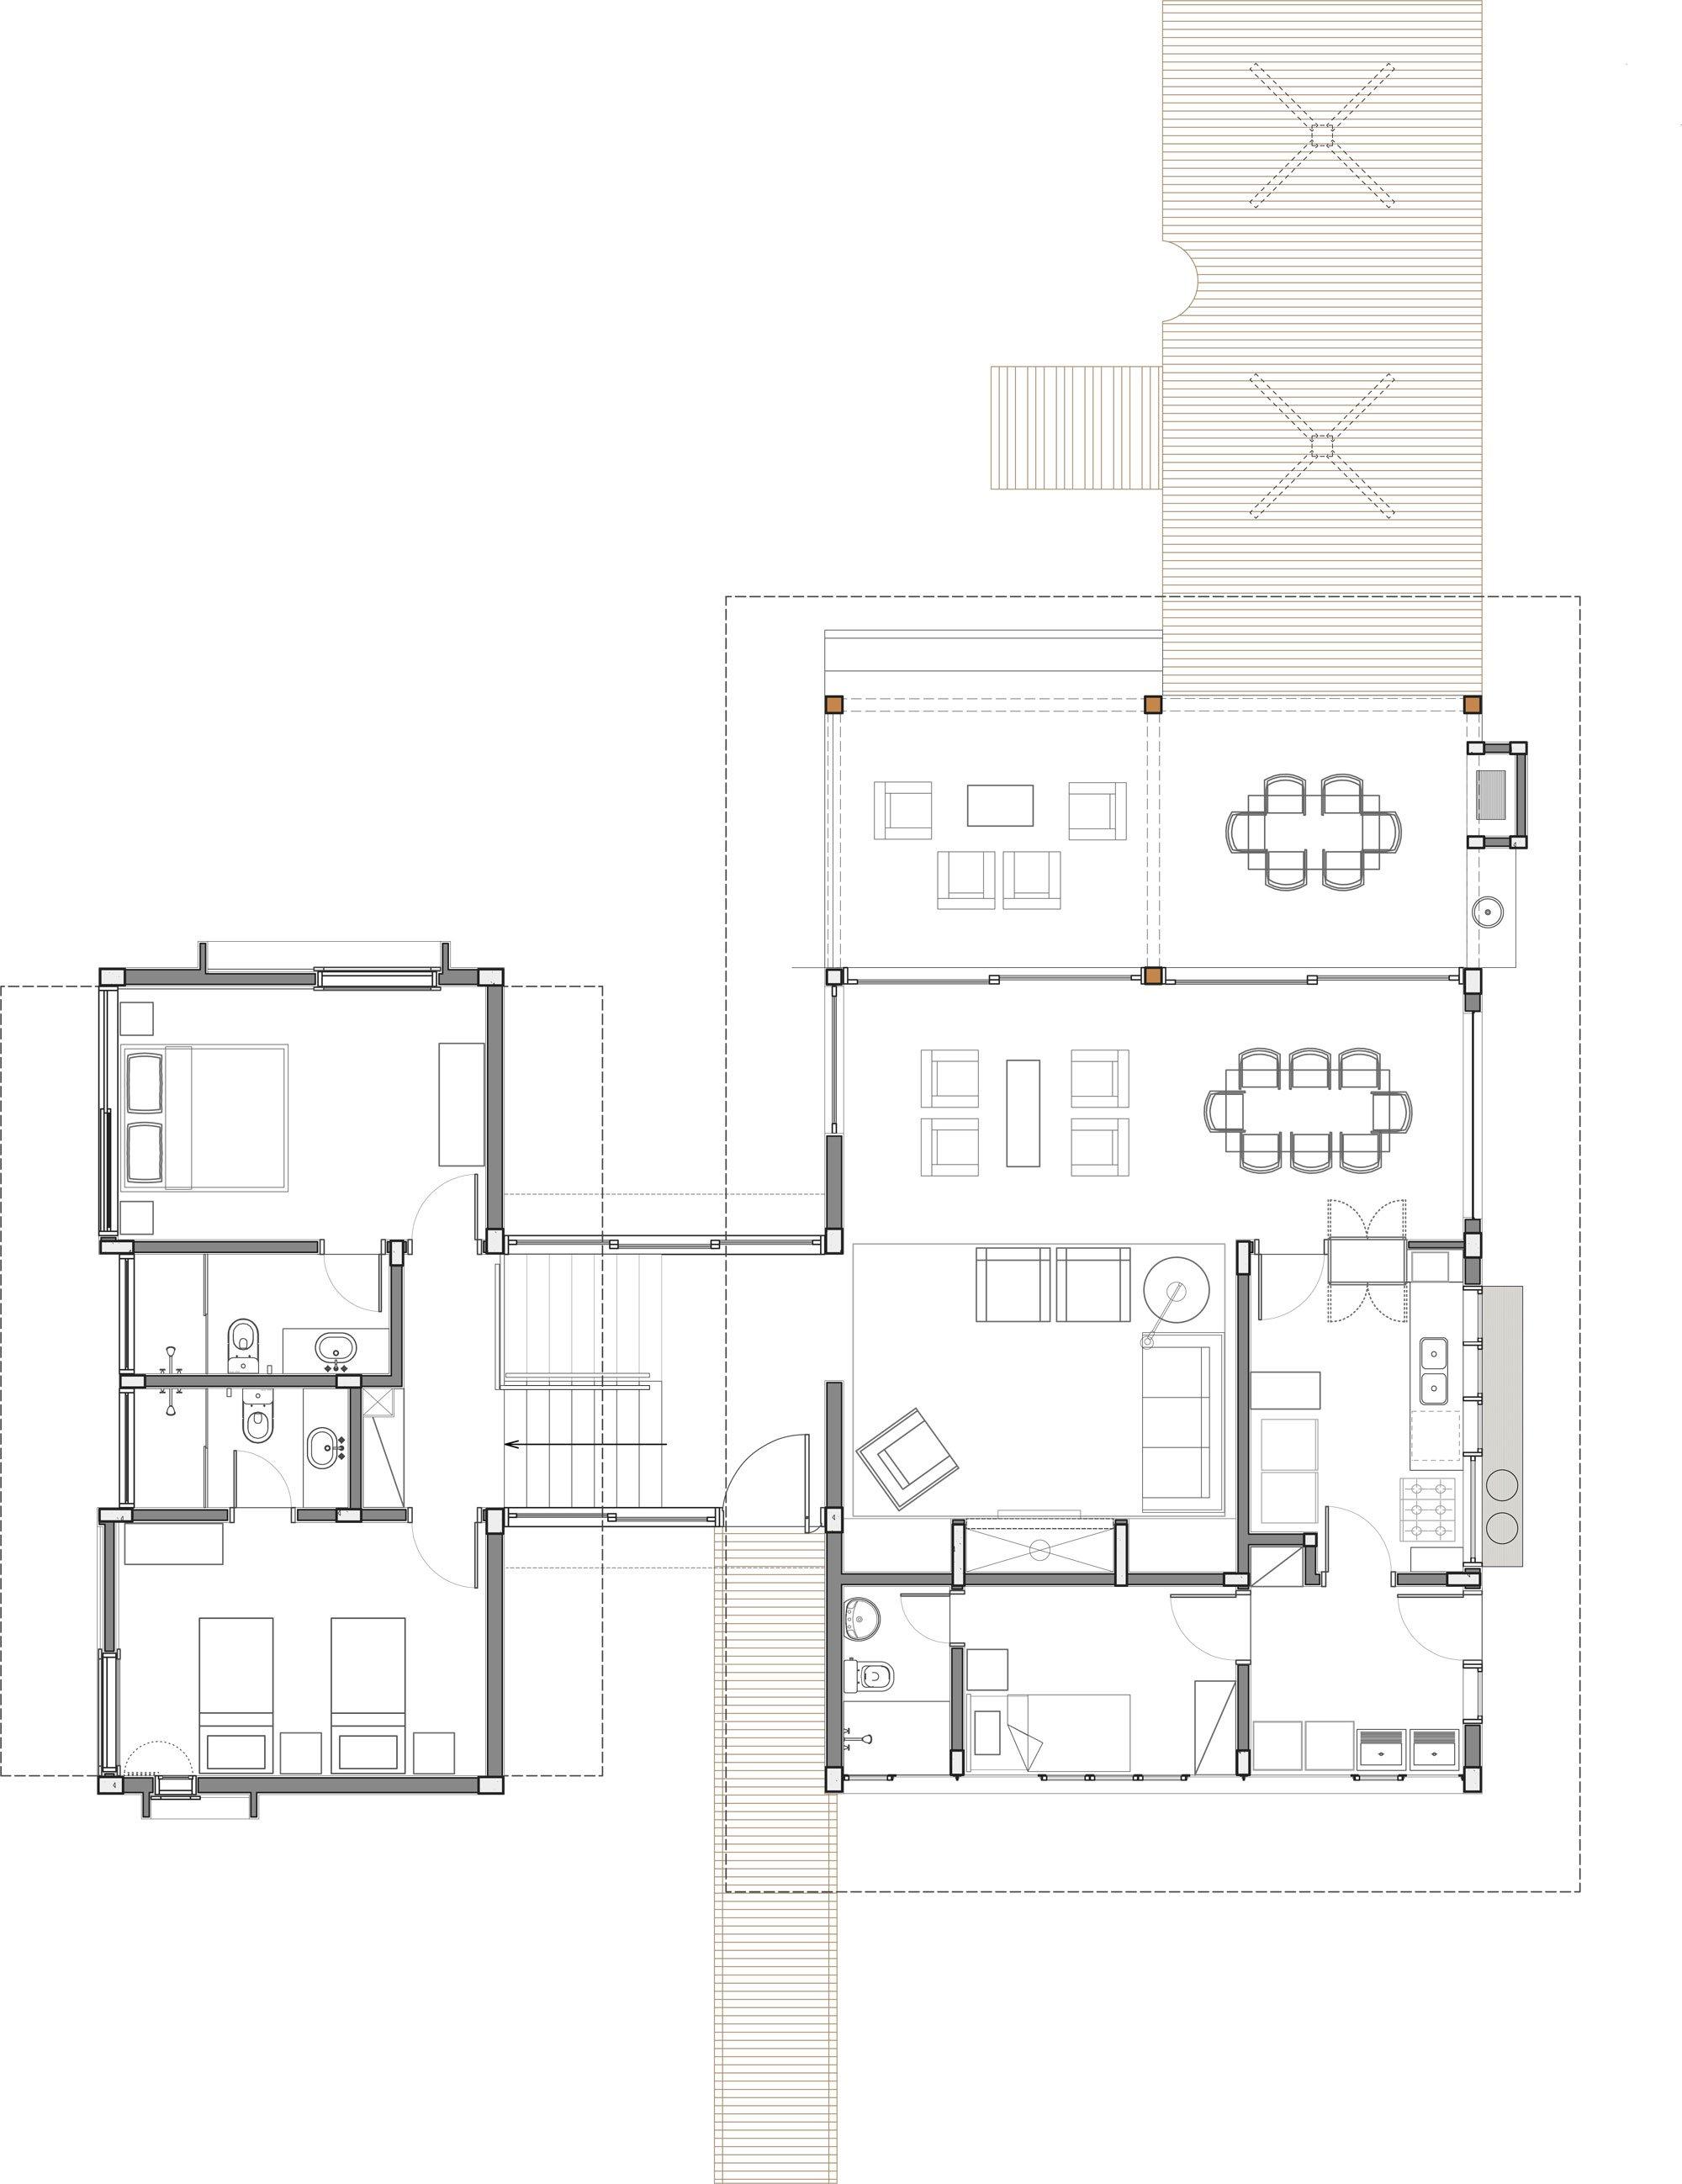 Casa de campo de madera y hormig n de 280 metros cuadrados for Plantas arquitectonicas de casas